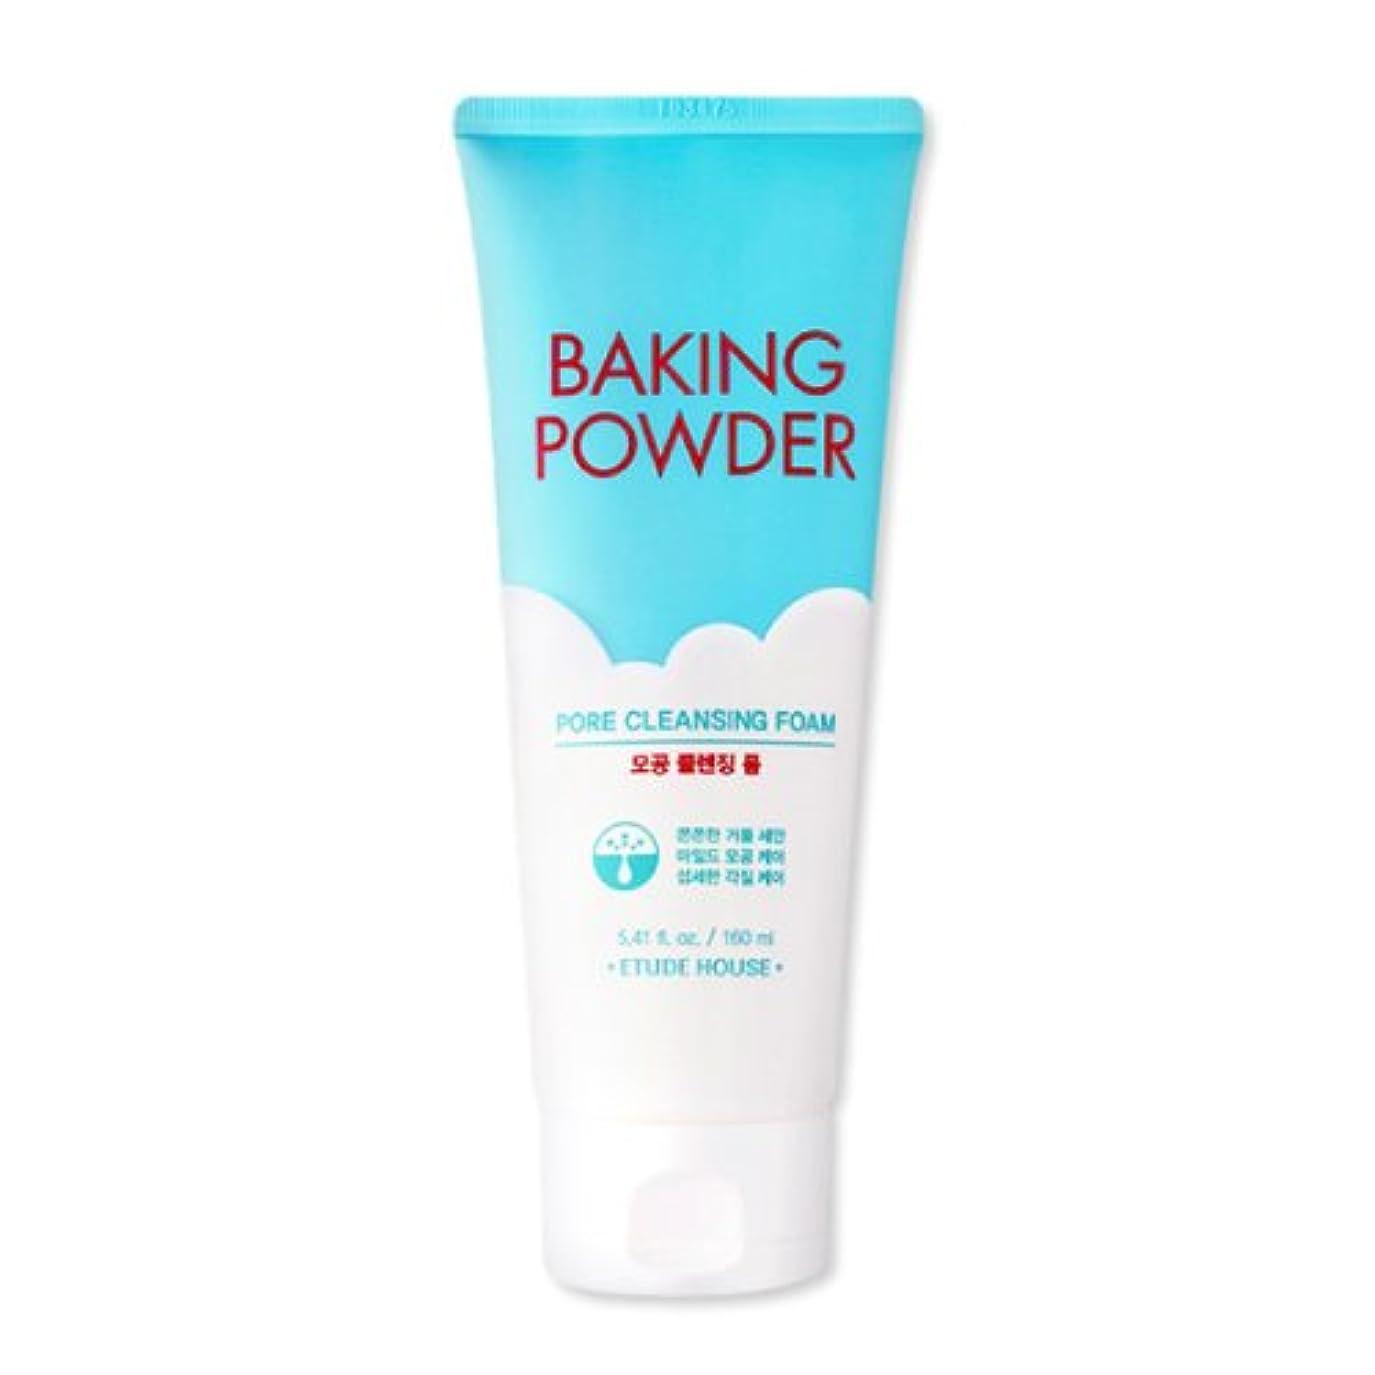 講義追い越す尾[エチュードハウス] Etude House ベーキングパウダー毛穴クレンジングフォーム160ml Baking Powder Pore Cleansing Foam (海外直送品) [並行輸入品]